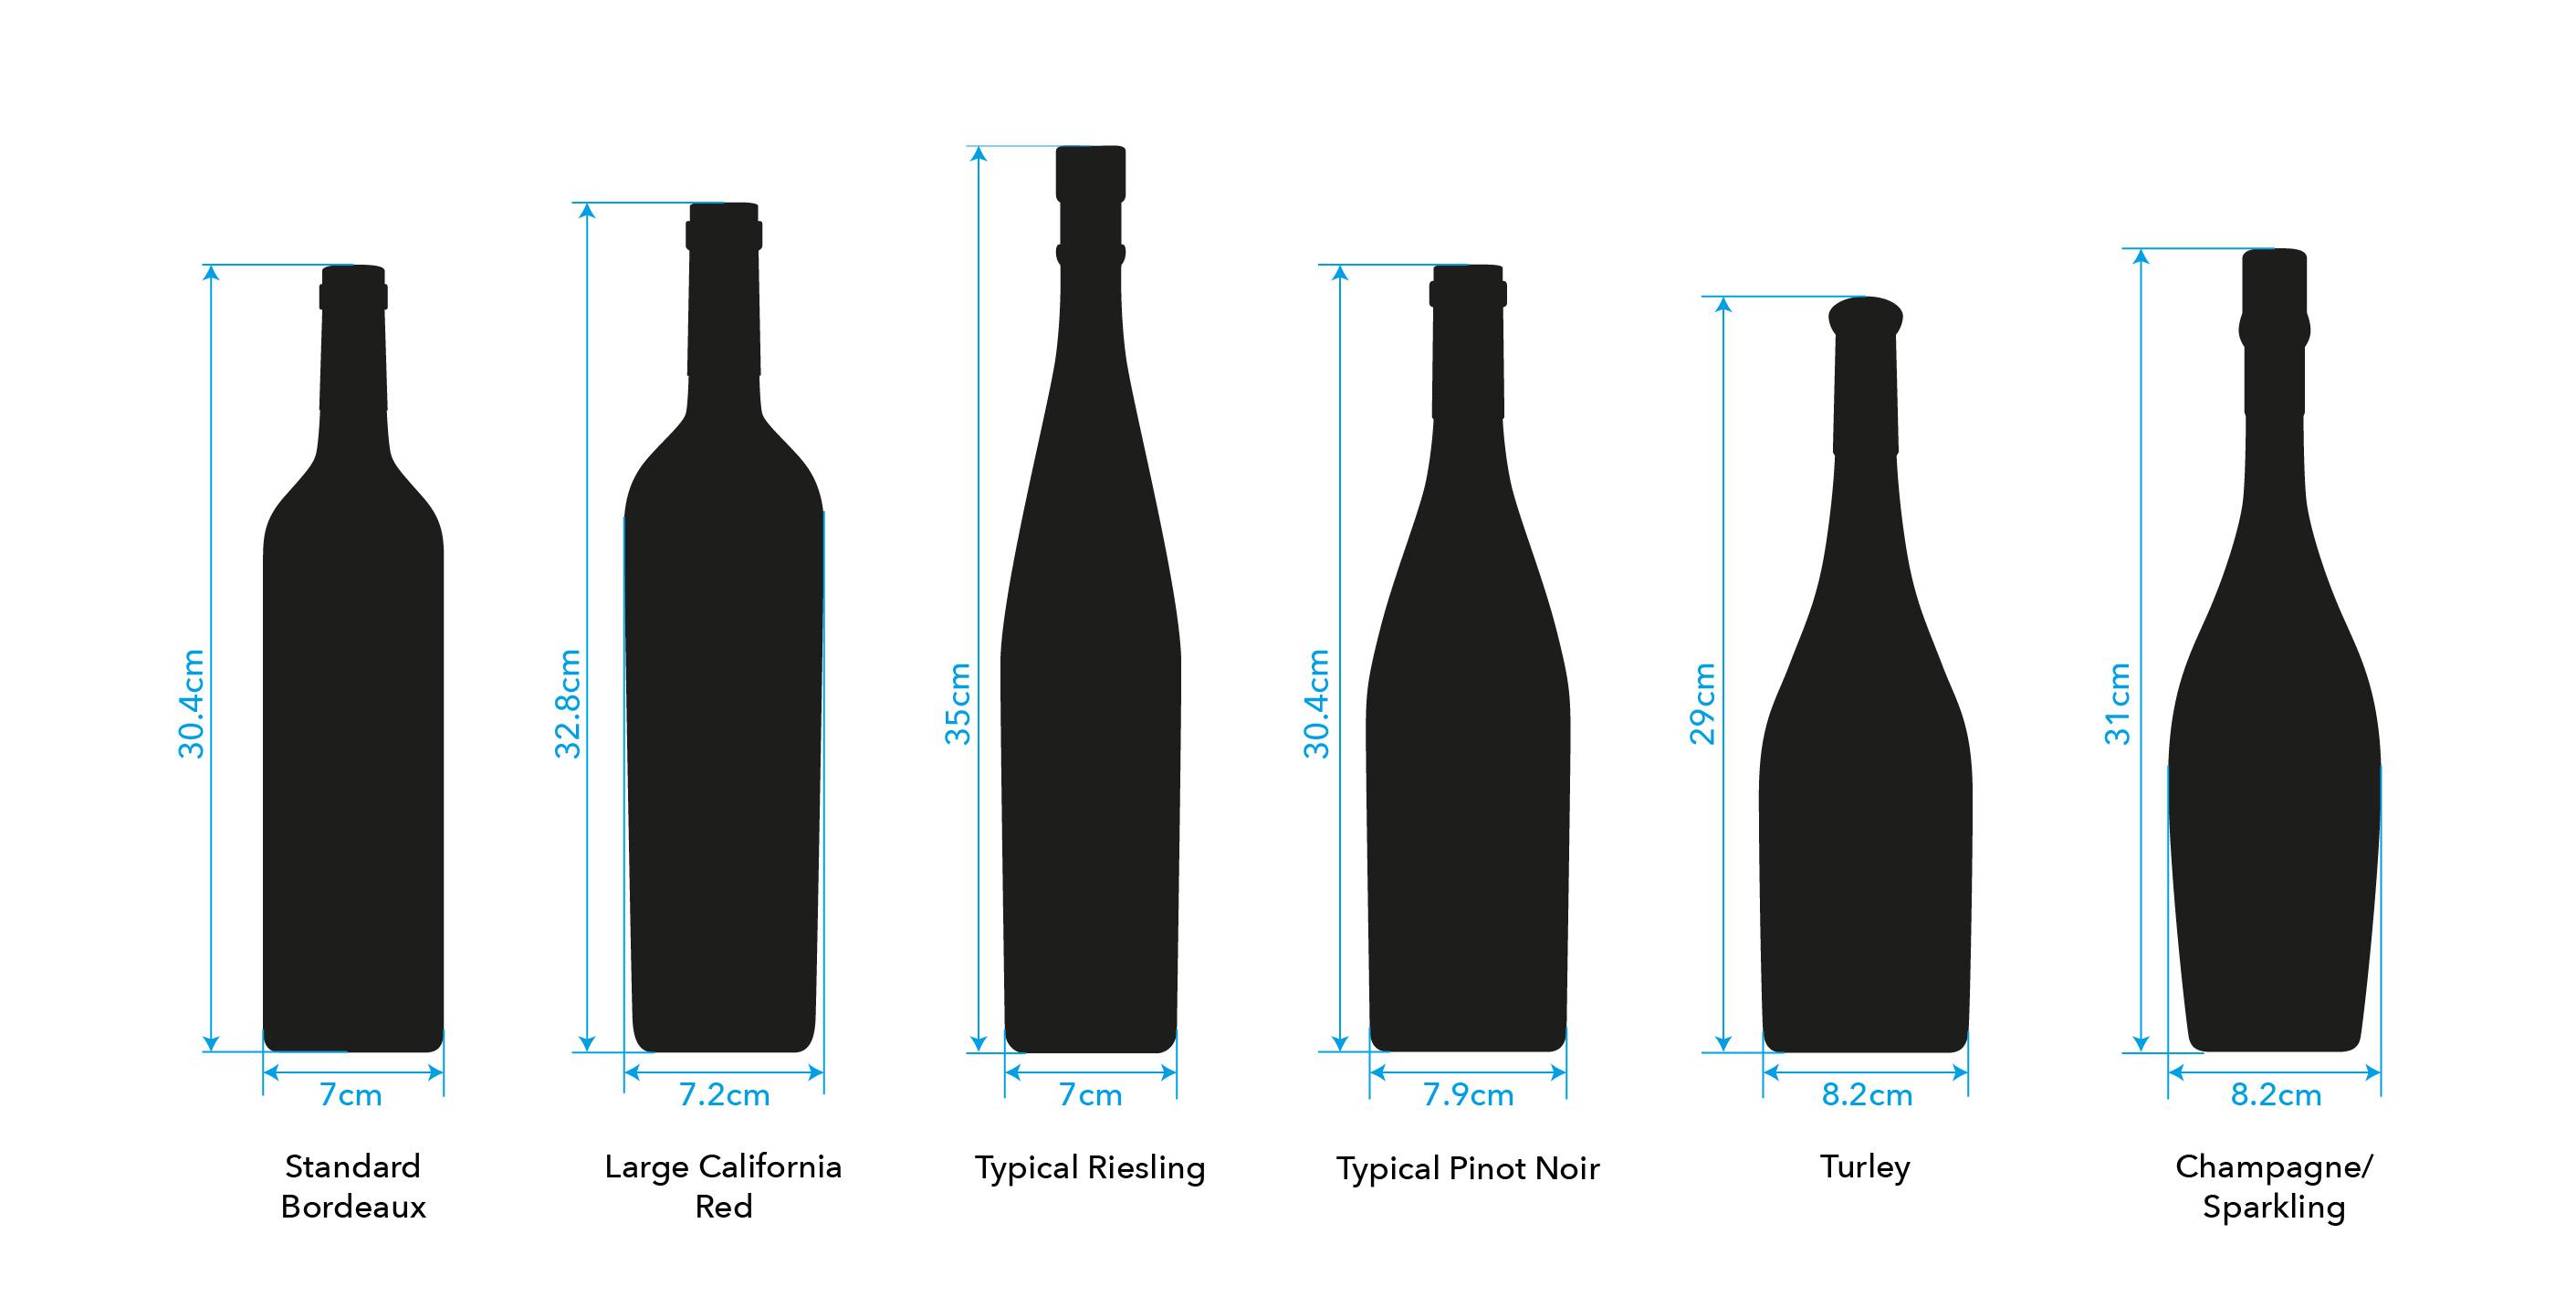 wine_types-01